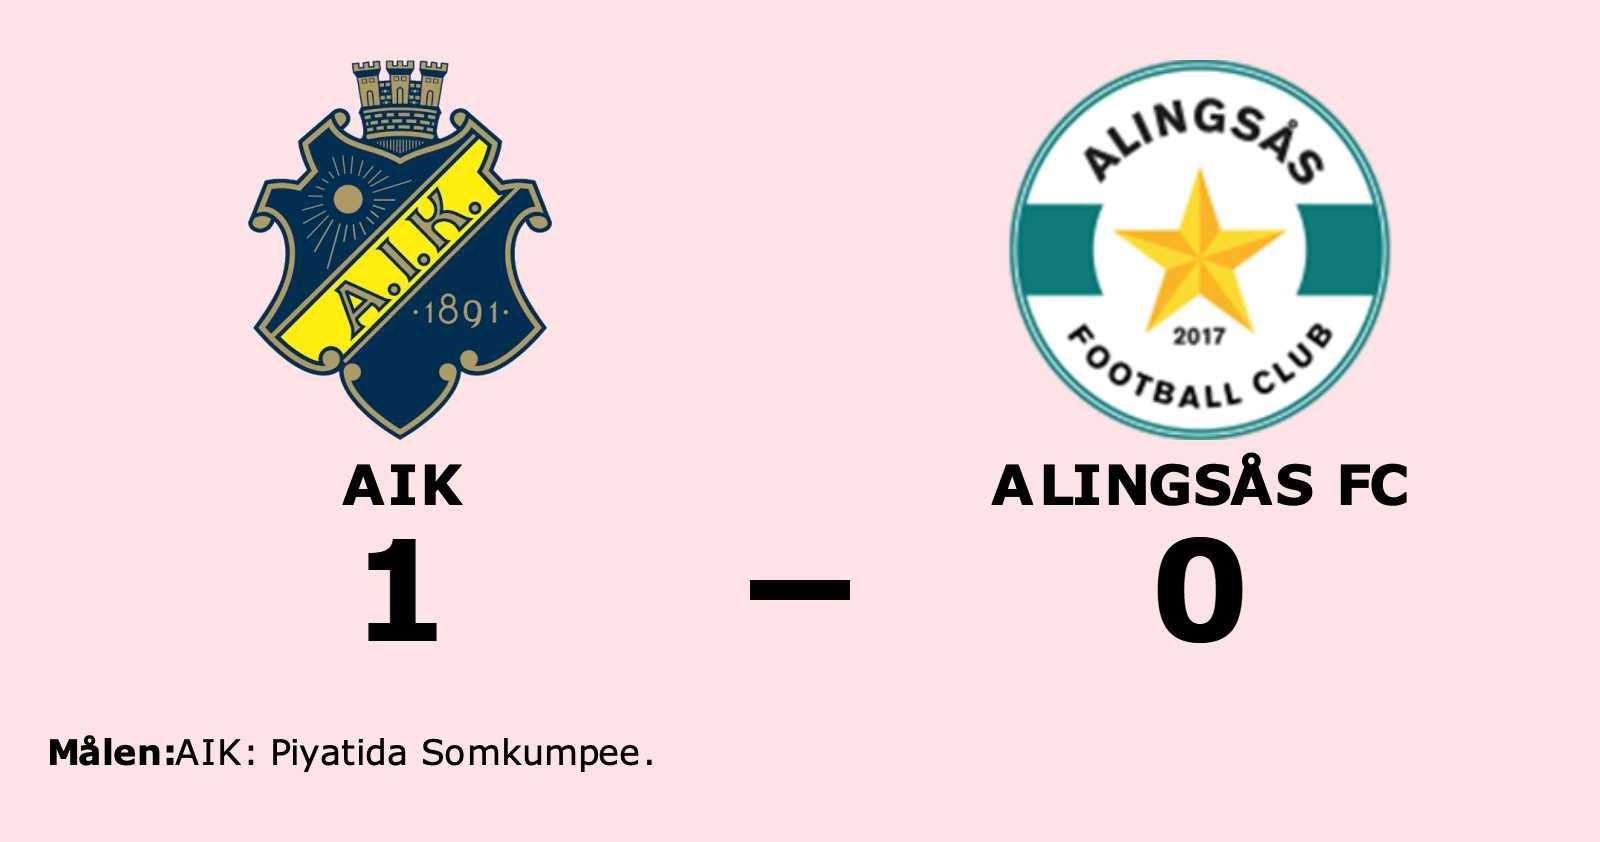 Piyatida Somkumpee matchhjälte för AIK mot Alingsås FC